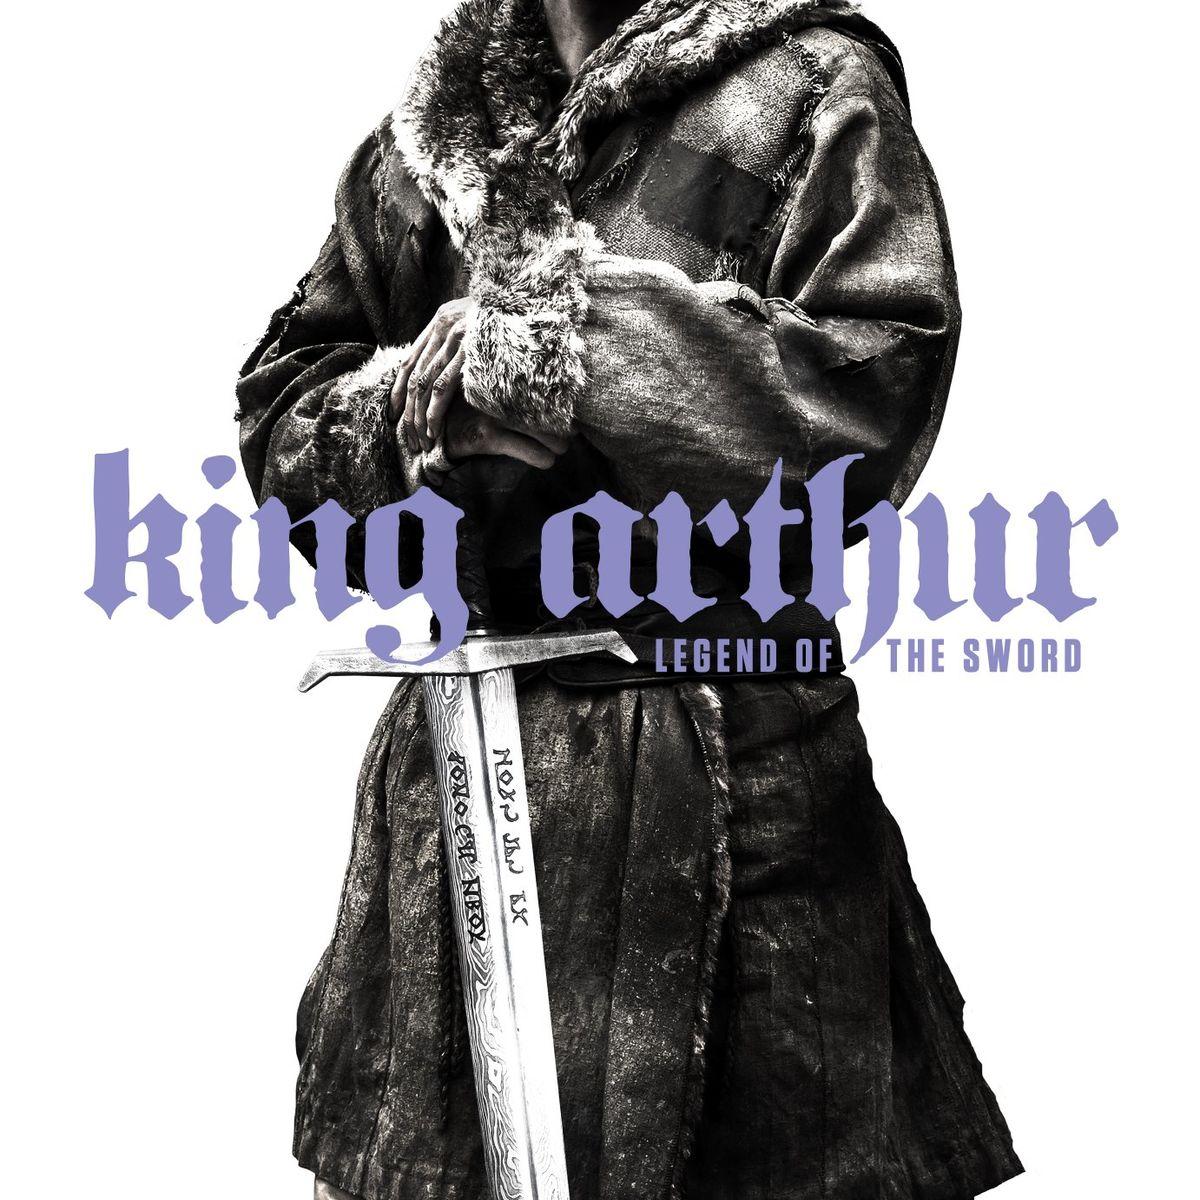 king-arthur-legend-of-the-sword-poster_0.jpg